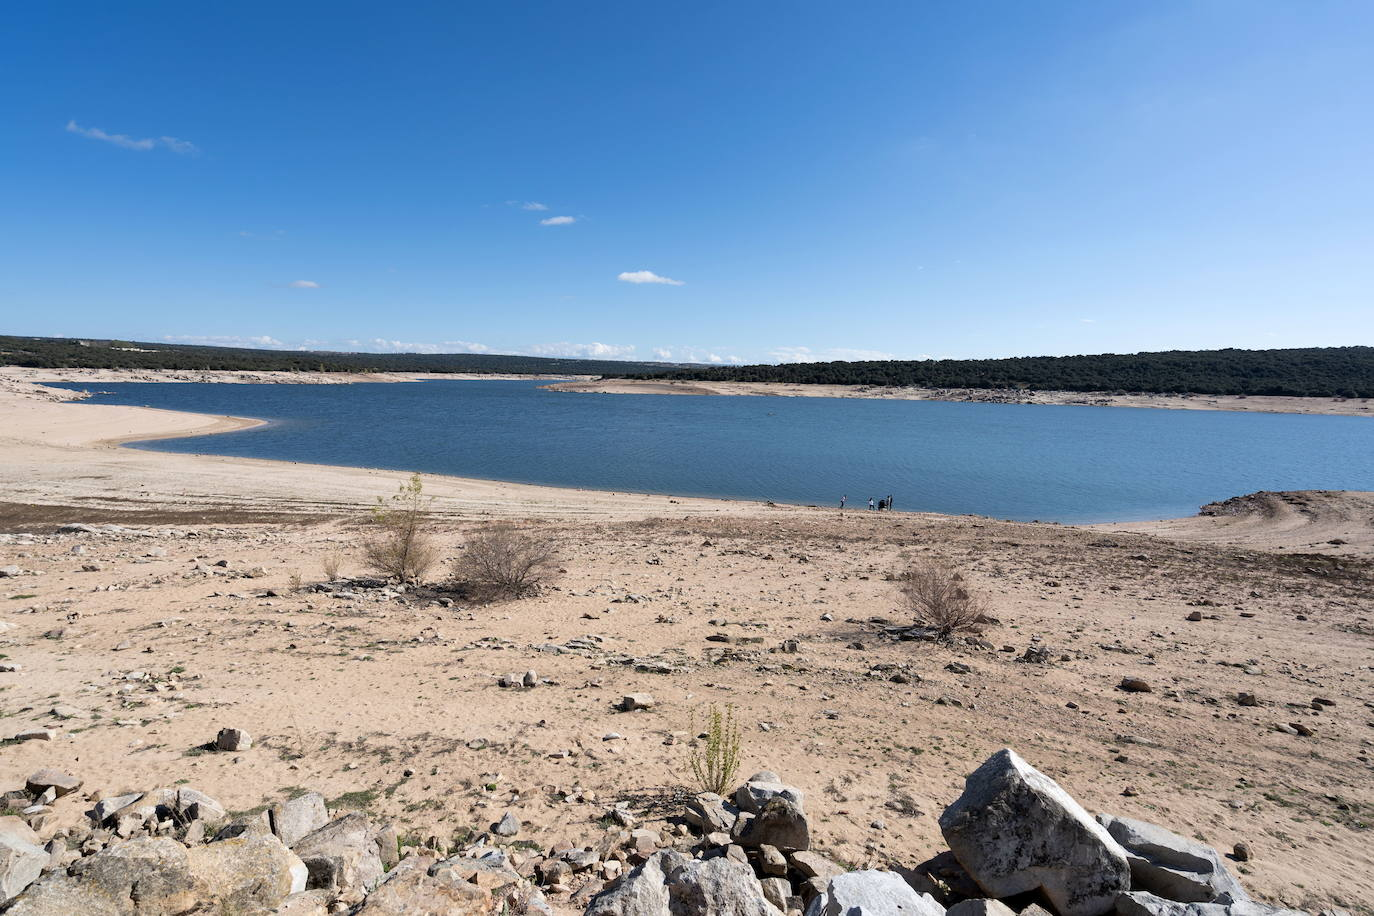 La escasez de agua en Las Cogotas amenaza a una decena de pueblos de la zona de Medina